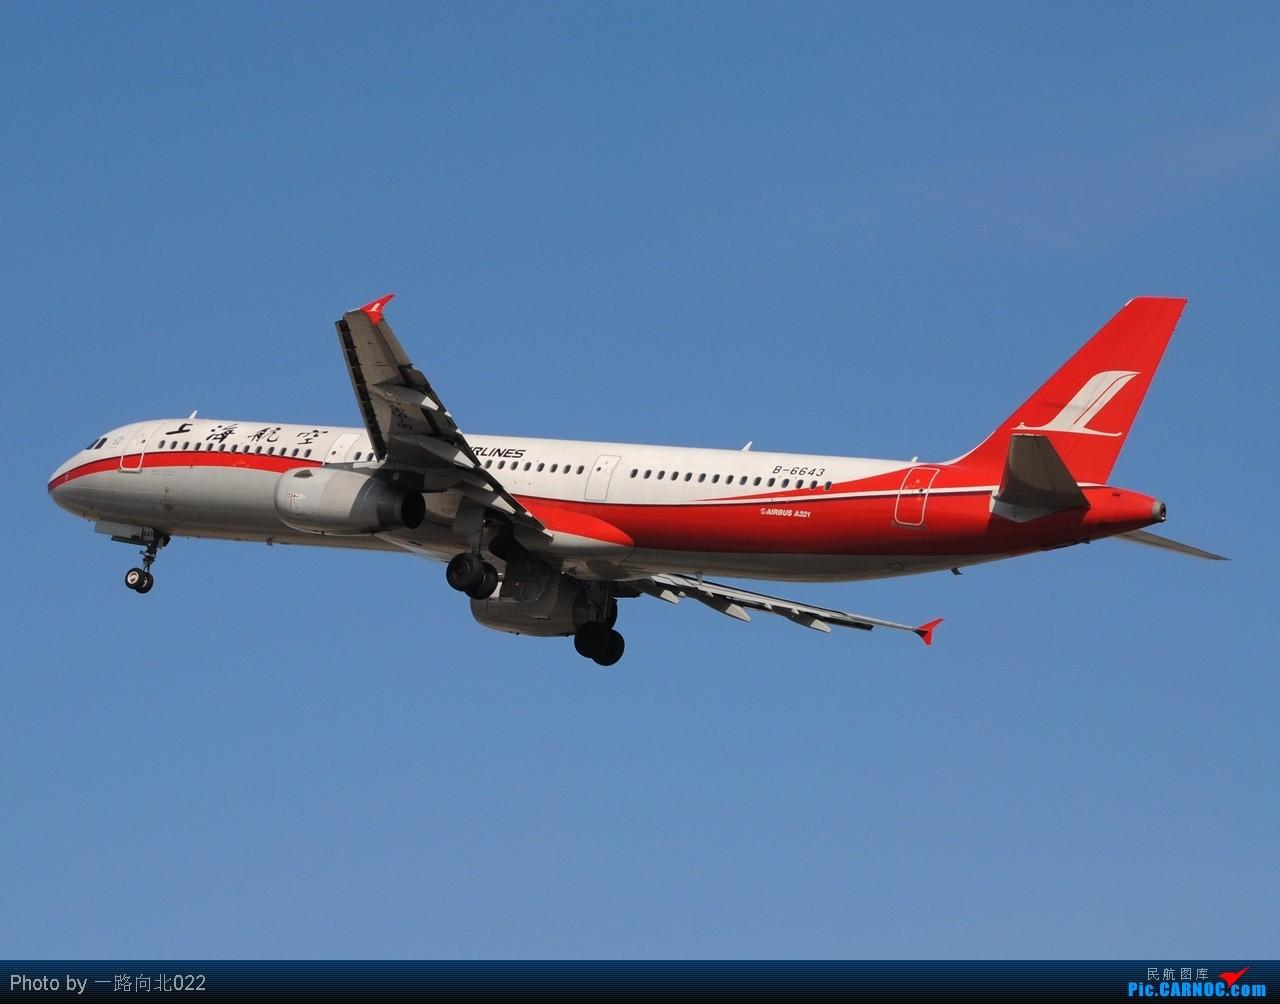 Re:[原创]**TSN**TSN**以几个不同的角度  证明在万家欢乐时我的存在 AIRBUS A321-200 B-6643 中国天津滨海机场